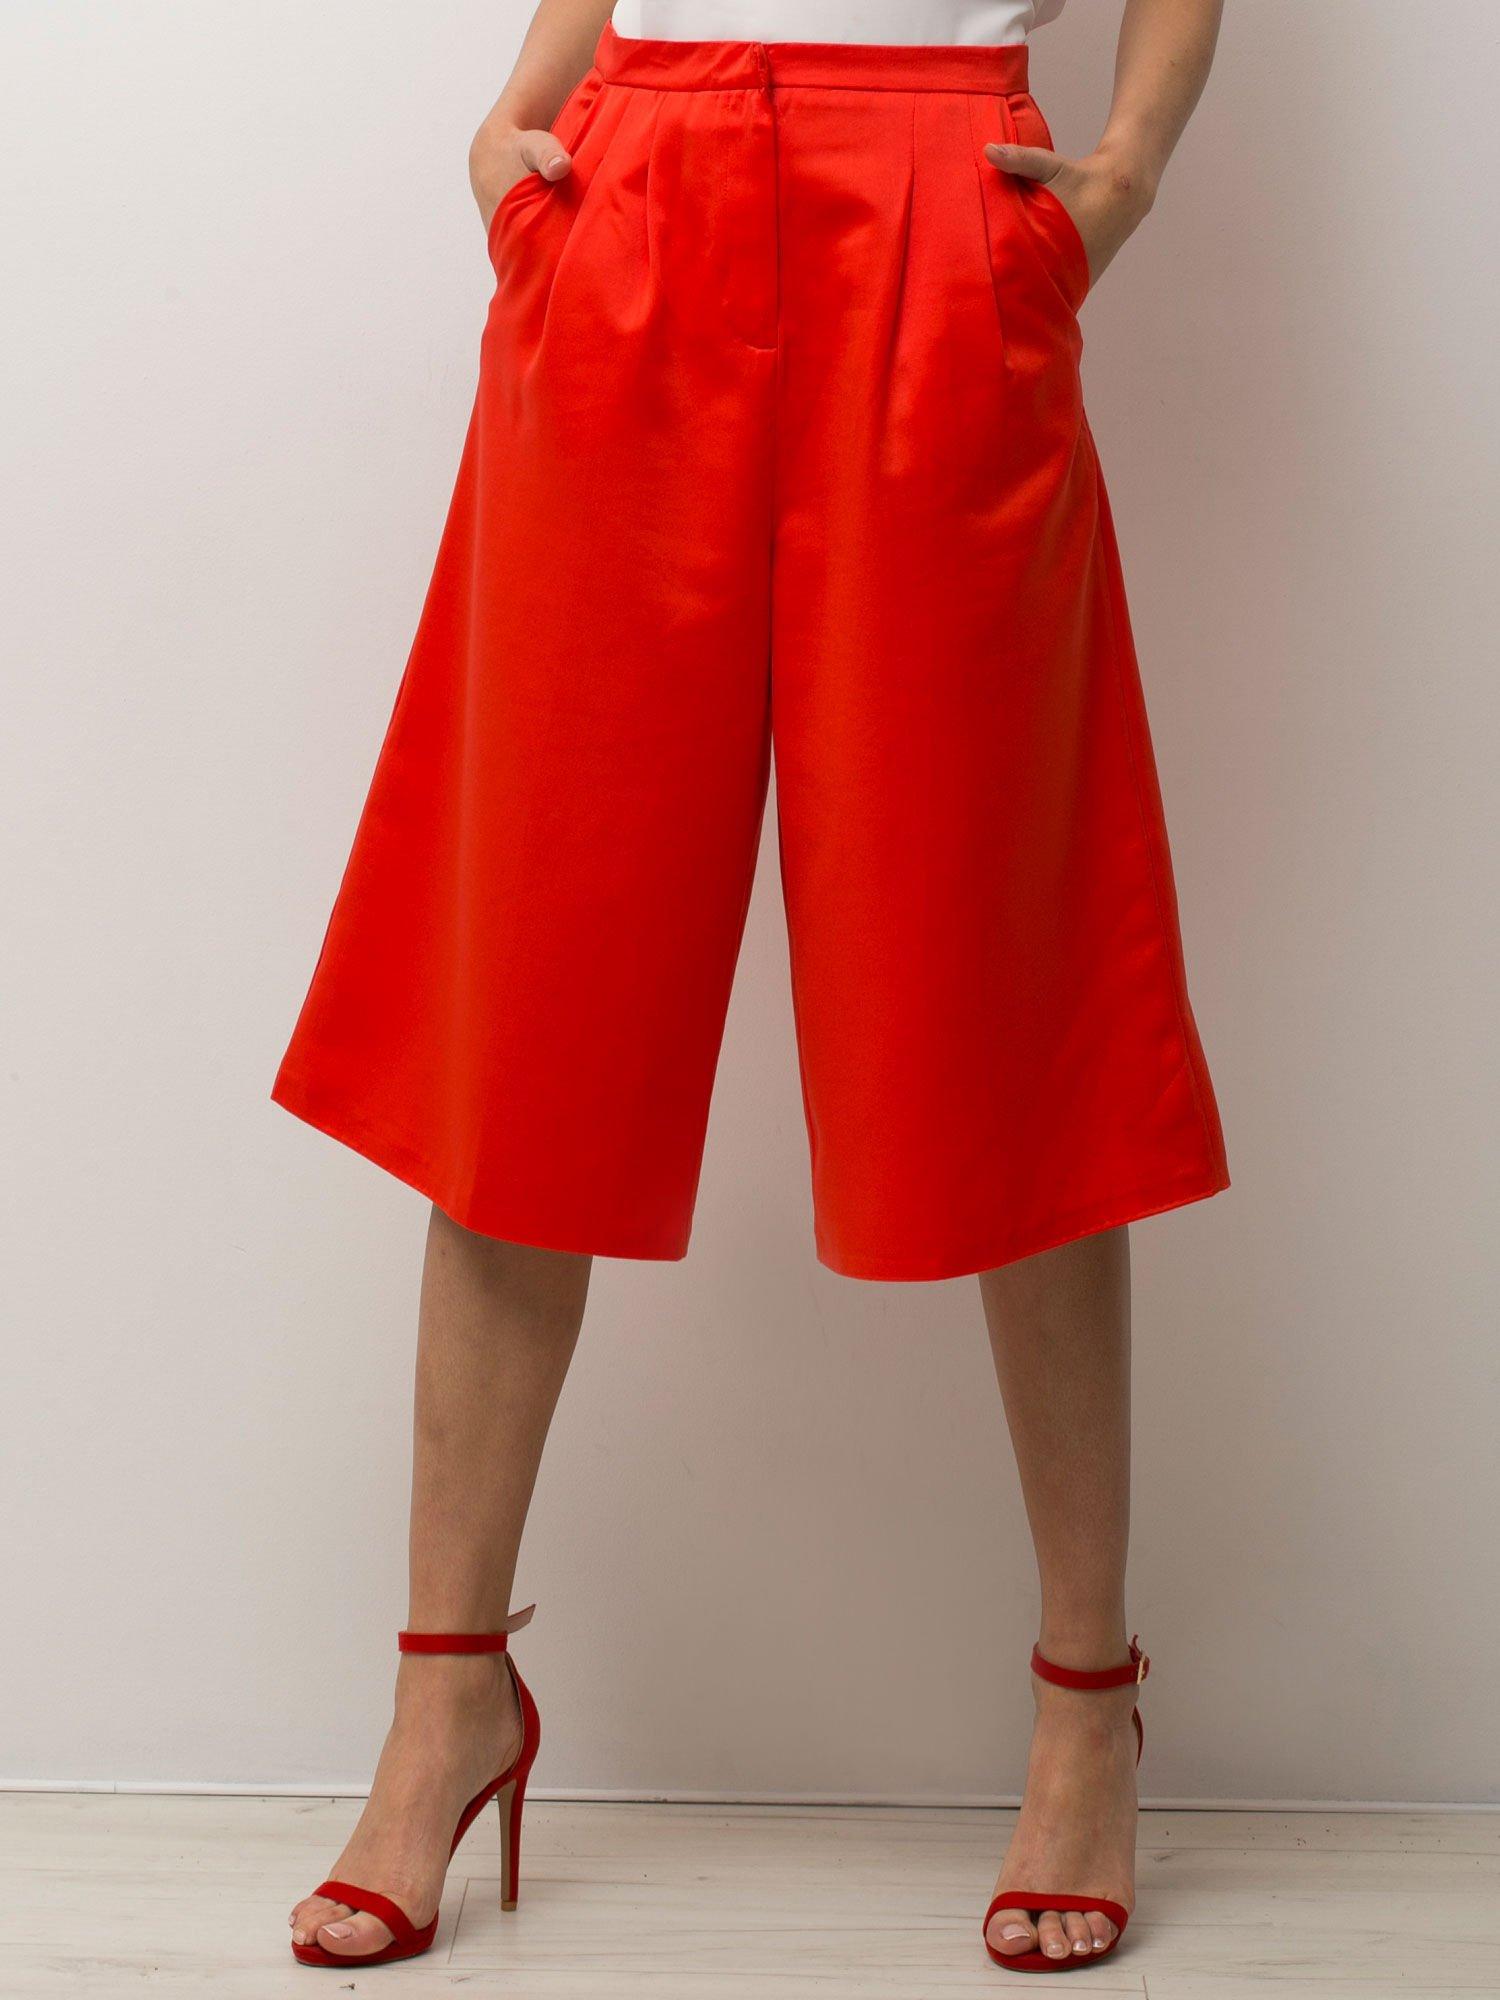 Czerwone spódnicospodnie typu culottes                                  zdj.                                  3